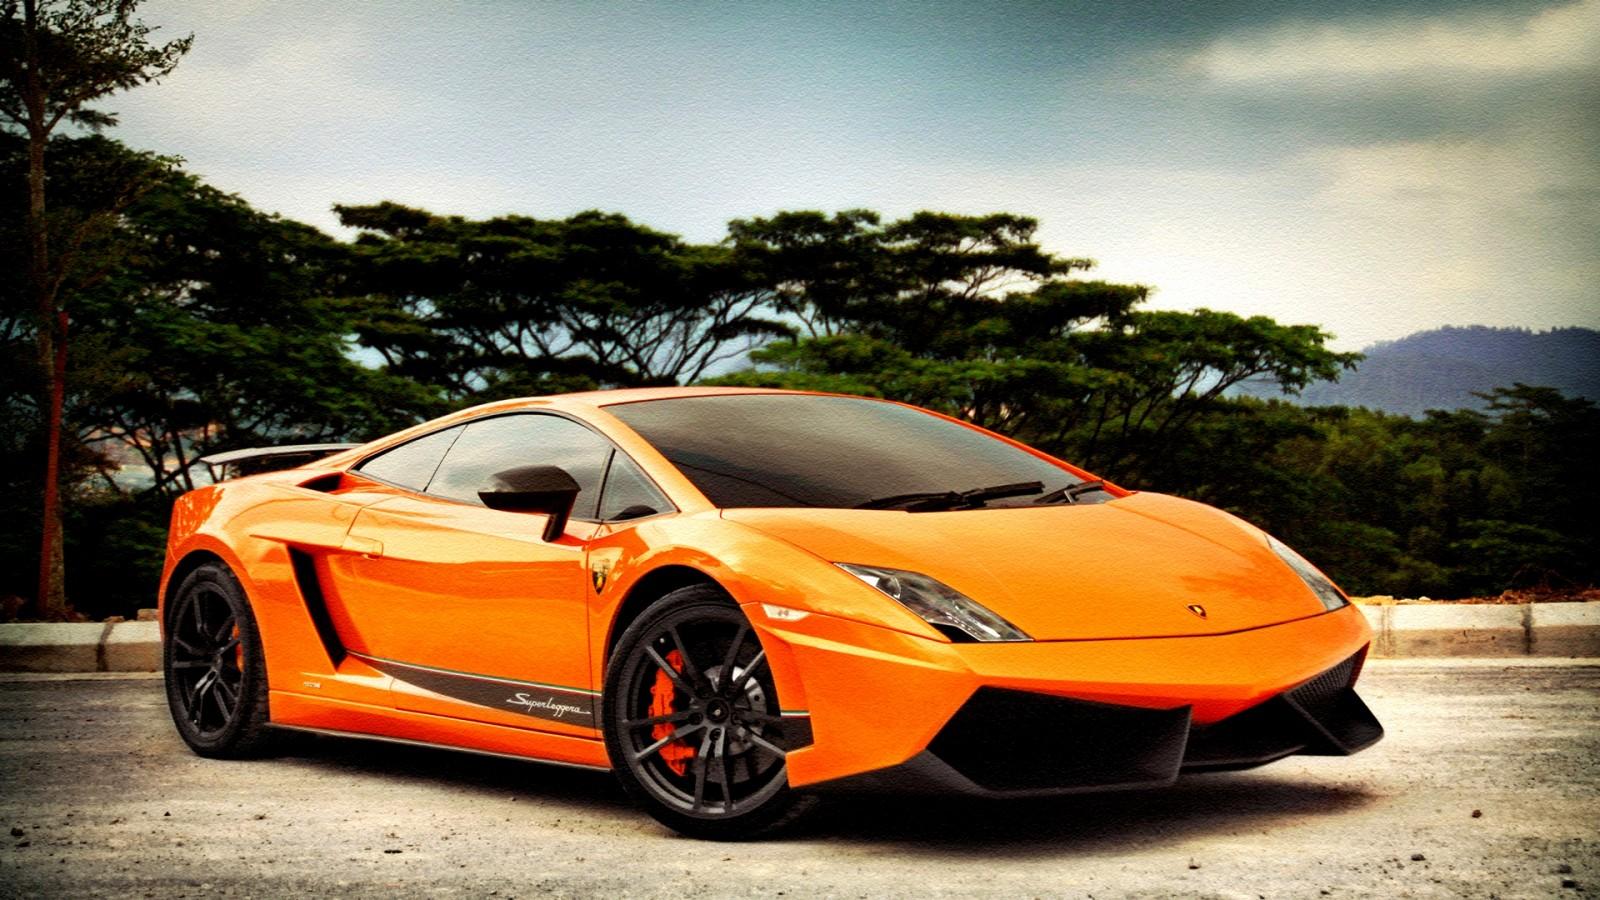 lamborghini gallardo superleggera wallpapers hd pictures photos anh - Lamborghini Gallardo Superleggera Wallpaper